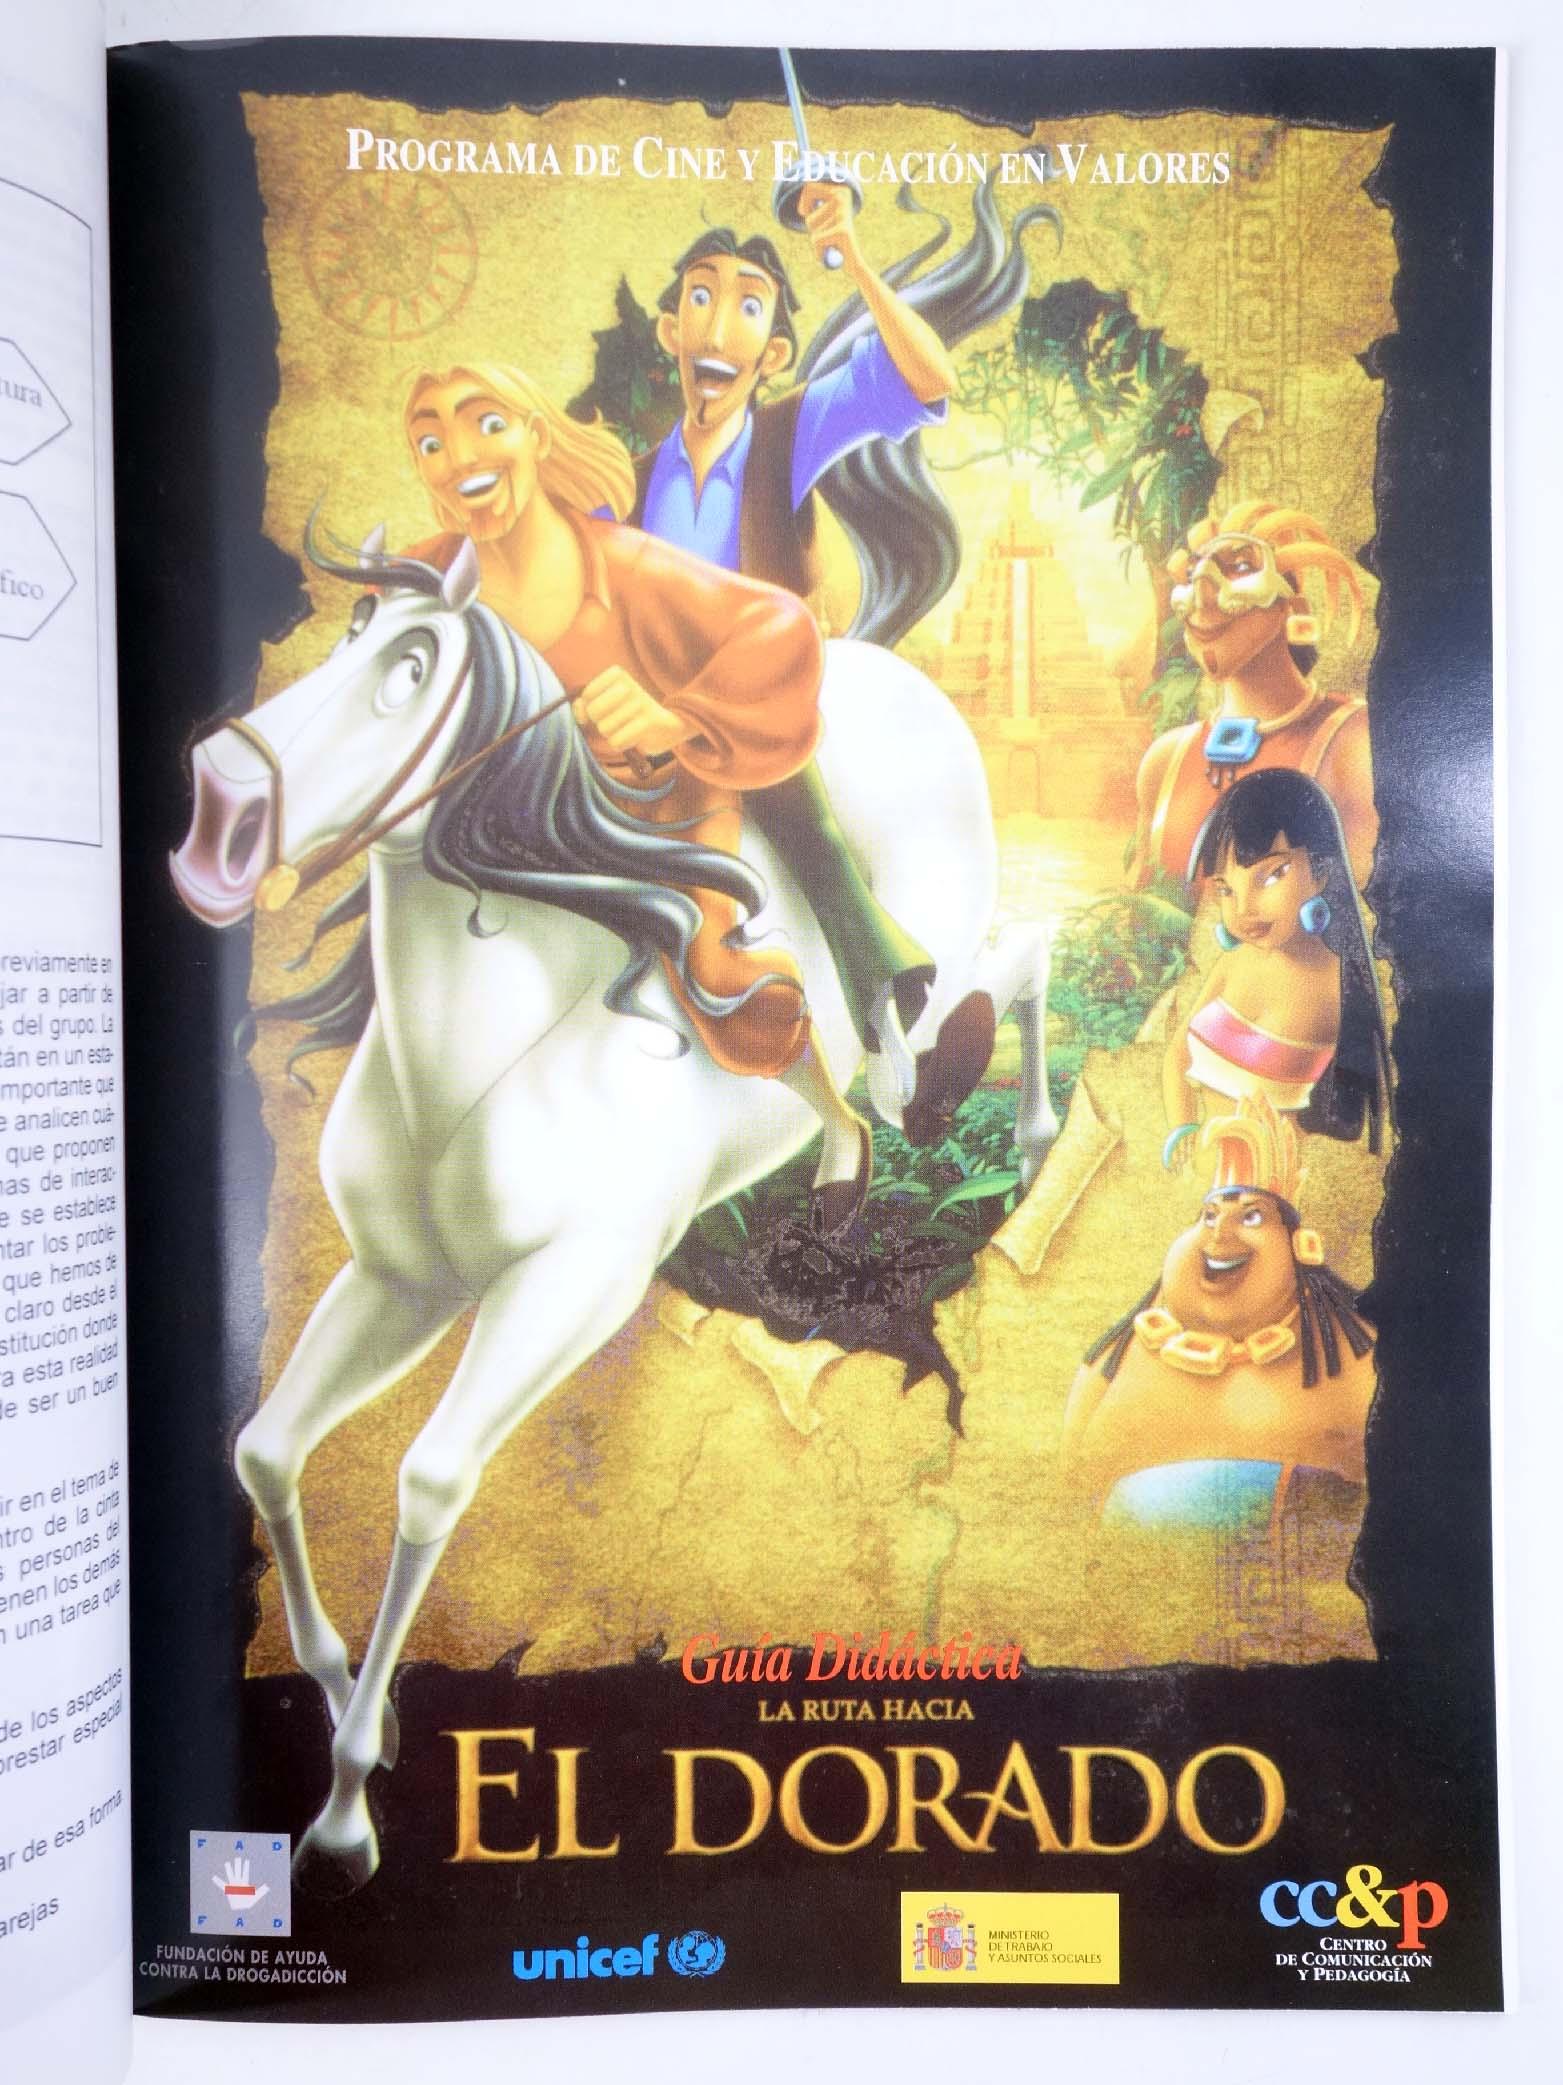 REVISTA MAKING OF, CUADERNOS DE CINE Y EDUCACIÓN 42. Especial Cine y Cómic